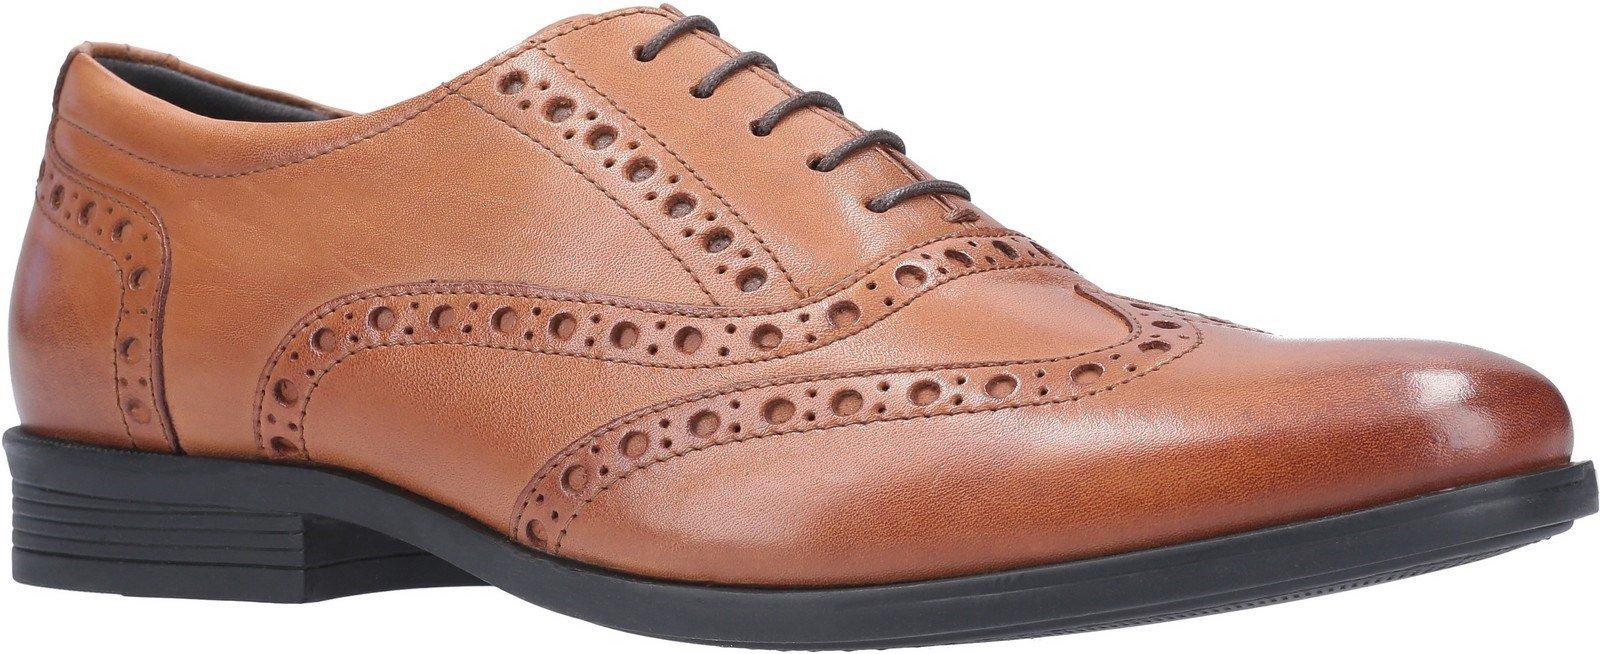 Hush Puppies Men's Oaken Brogue Shoe Various Colours 29188 - Dark Brown 6